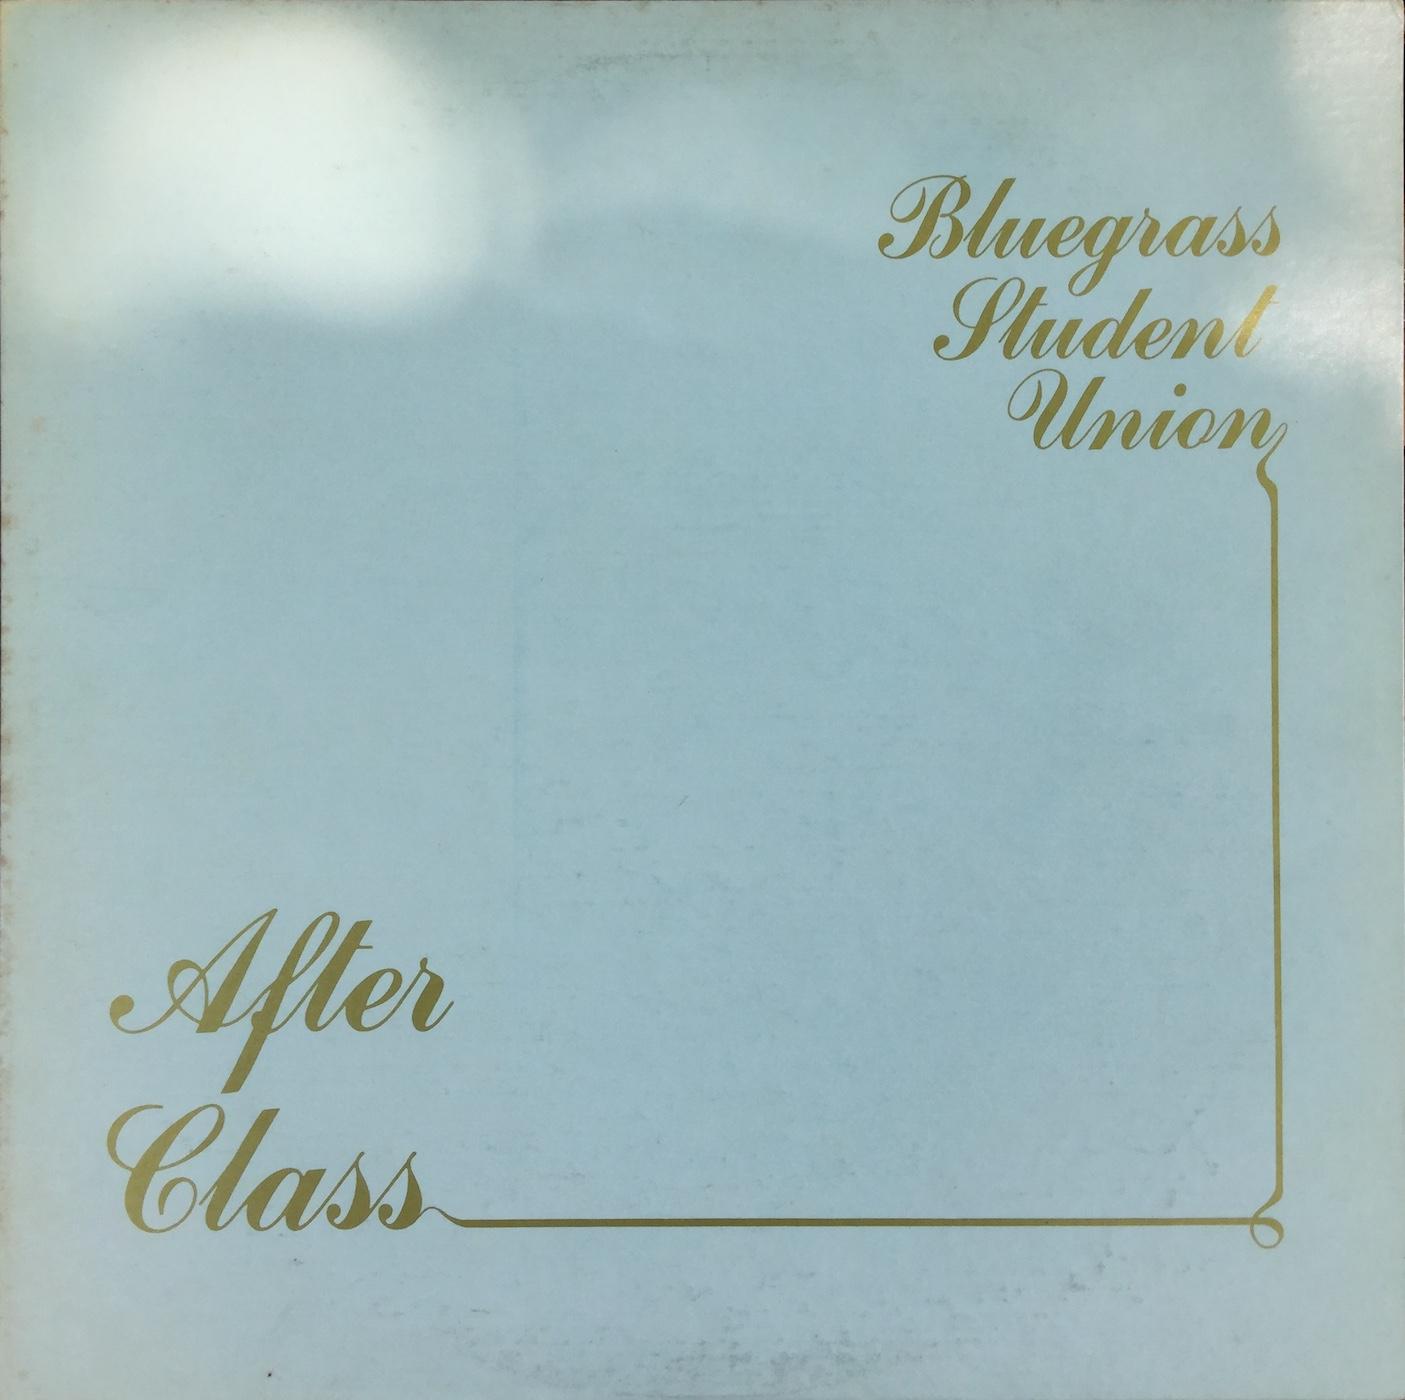 BluegrassStudentUnion_AfterClass